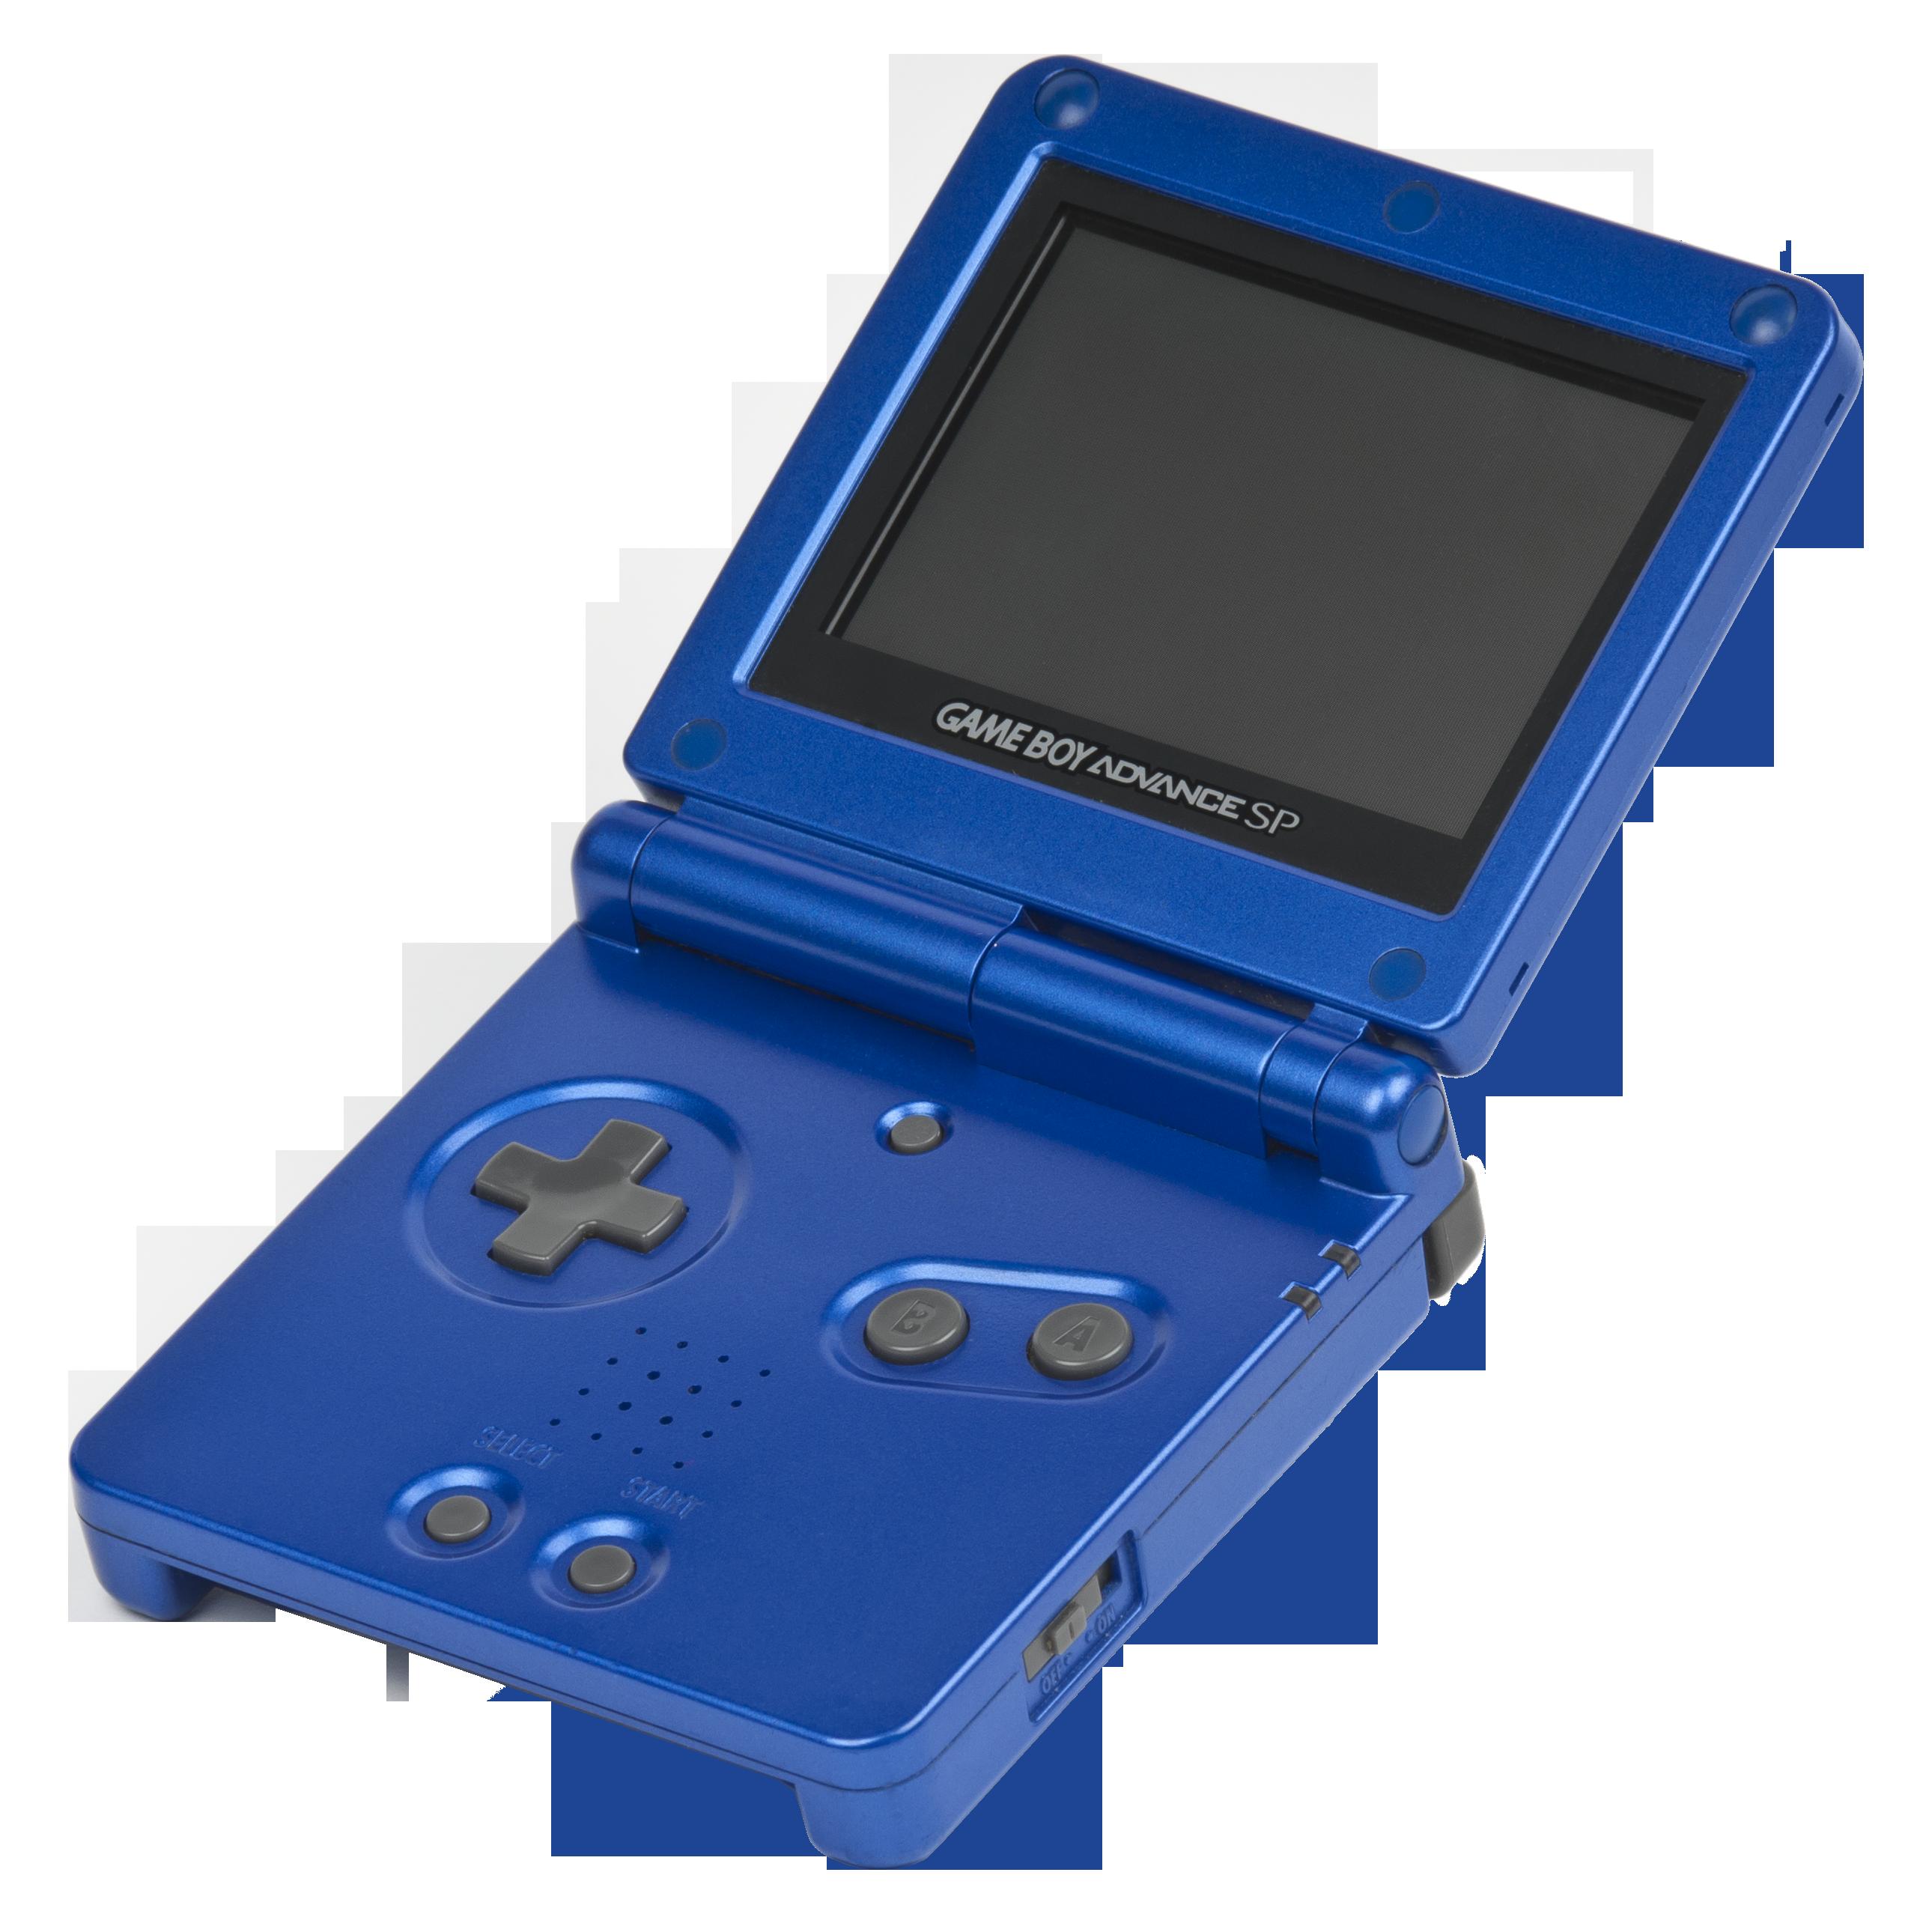 Game boy color kabel - Game Boy Advance Sp